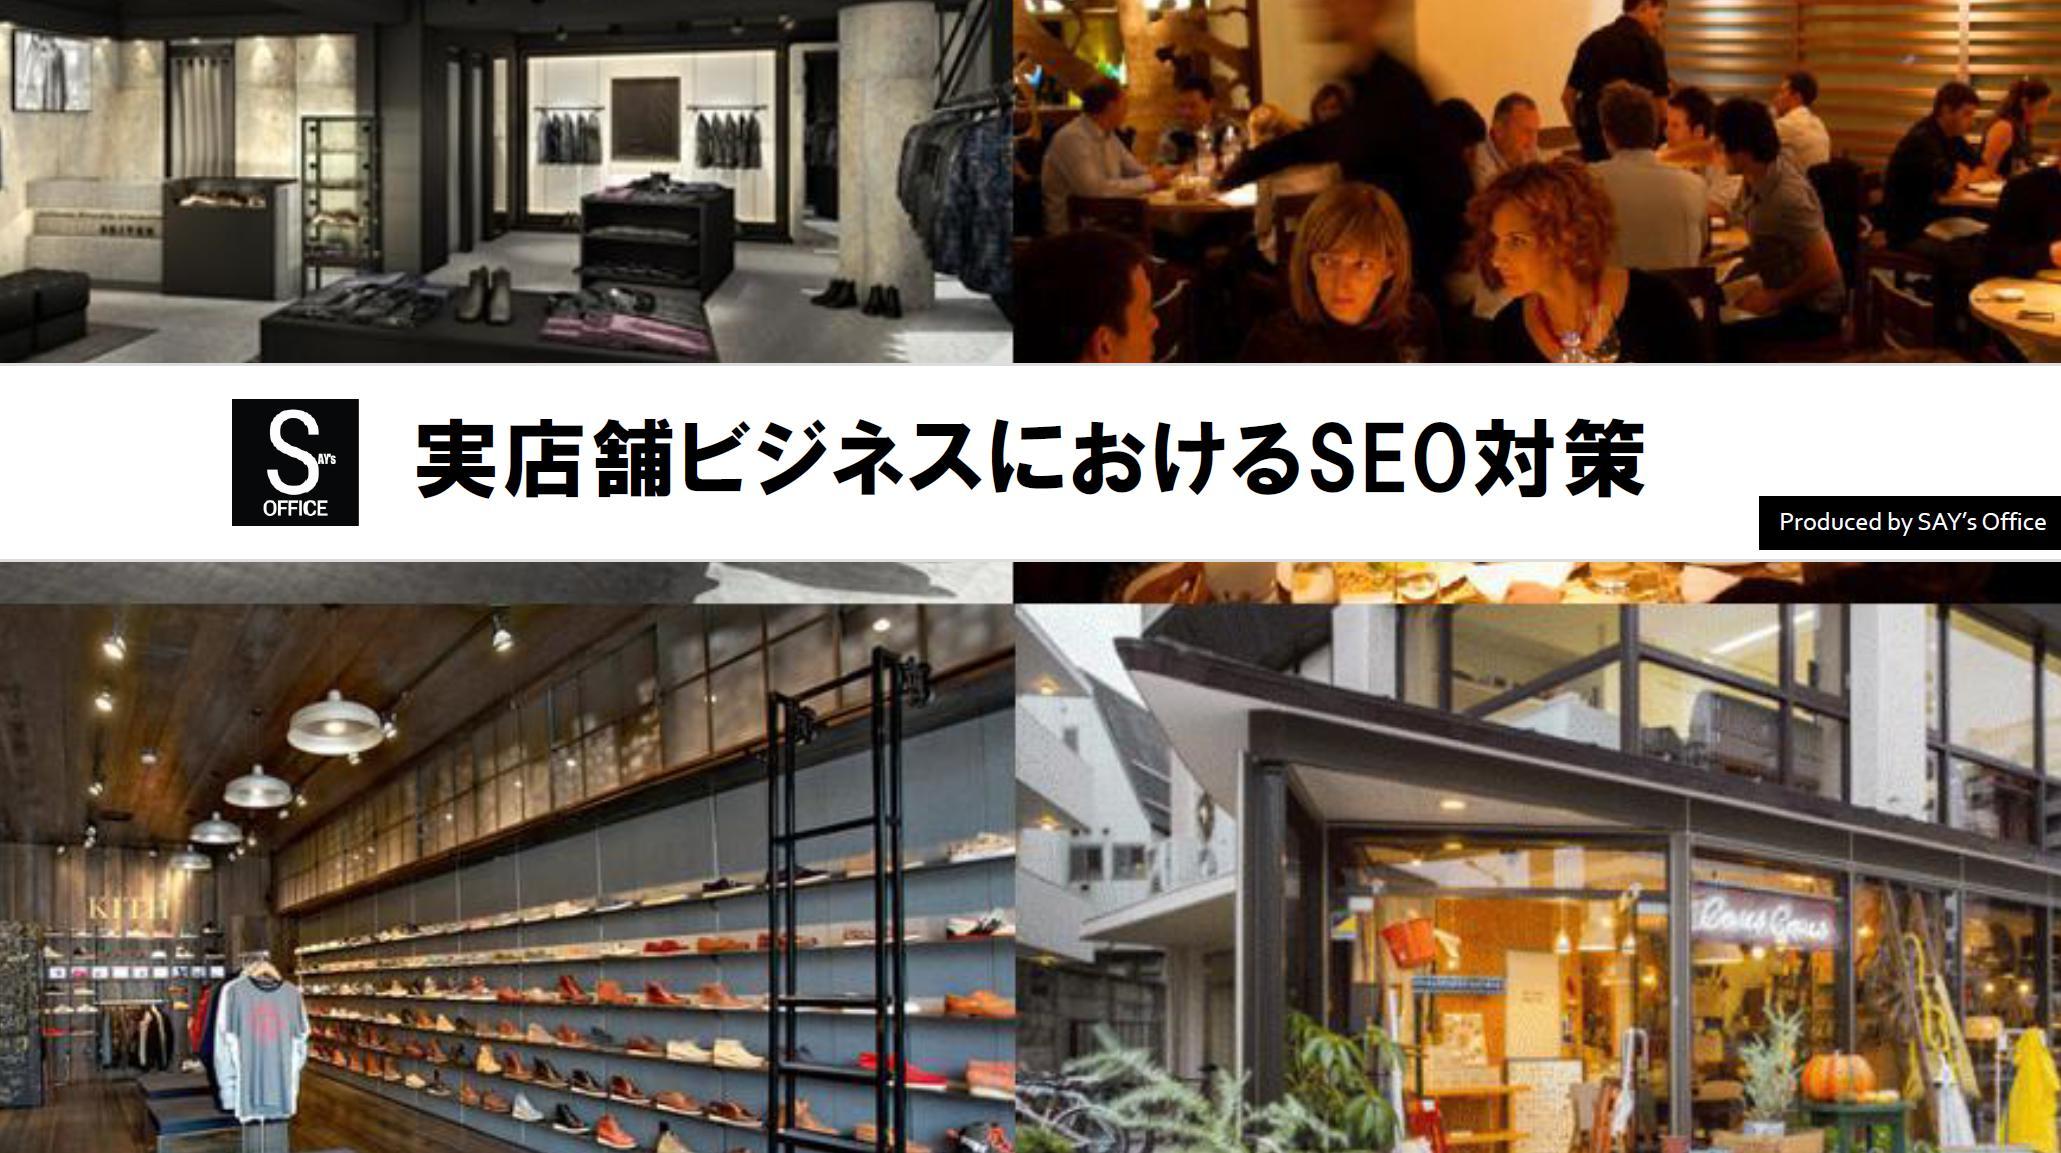 実店舗ビジネス向けホームページSEO対策セミナー資料